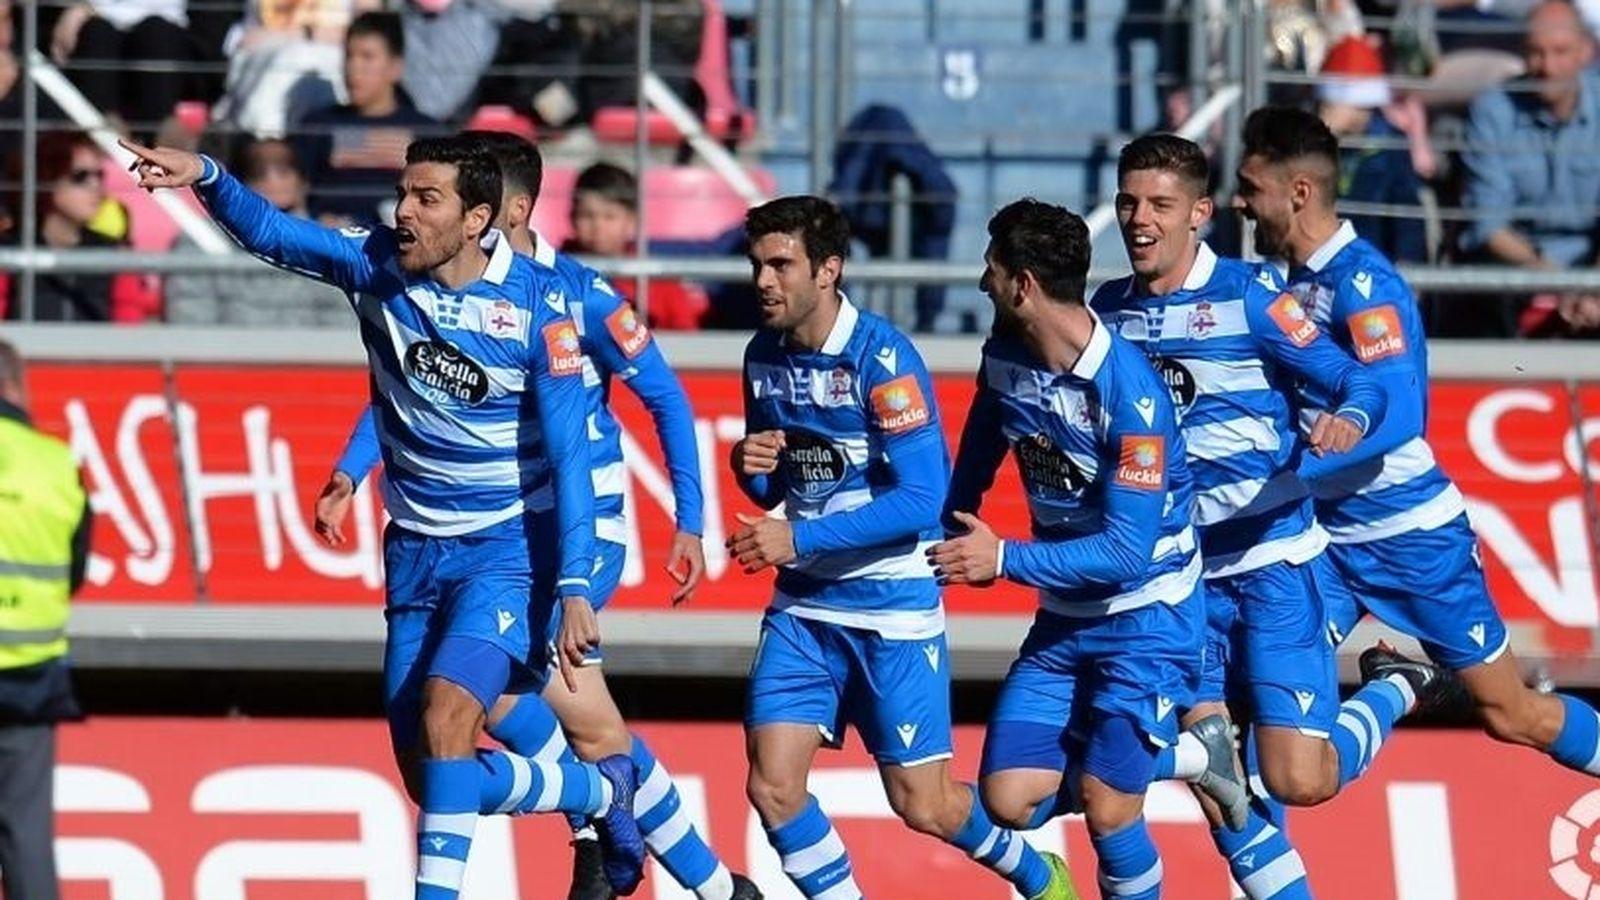 Foto: Jugadores del Deportivo de la Coruña celebran un gol. (Europa Press)